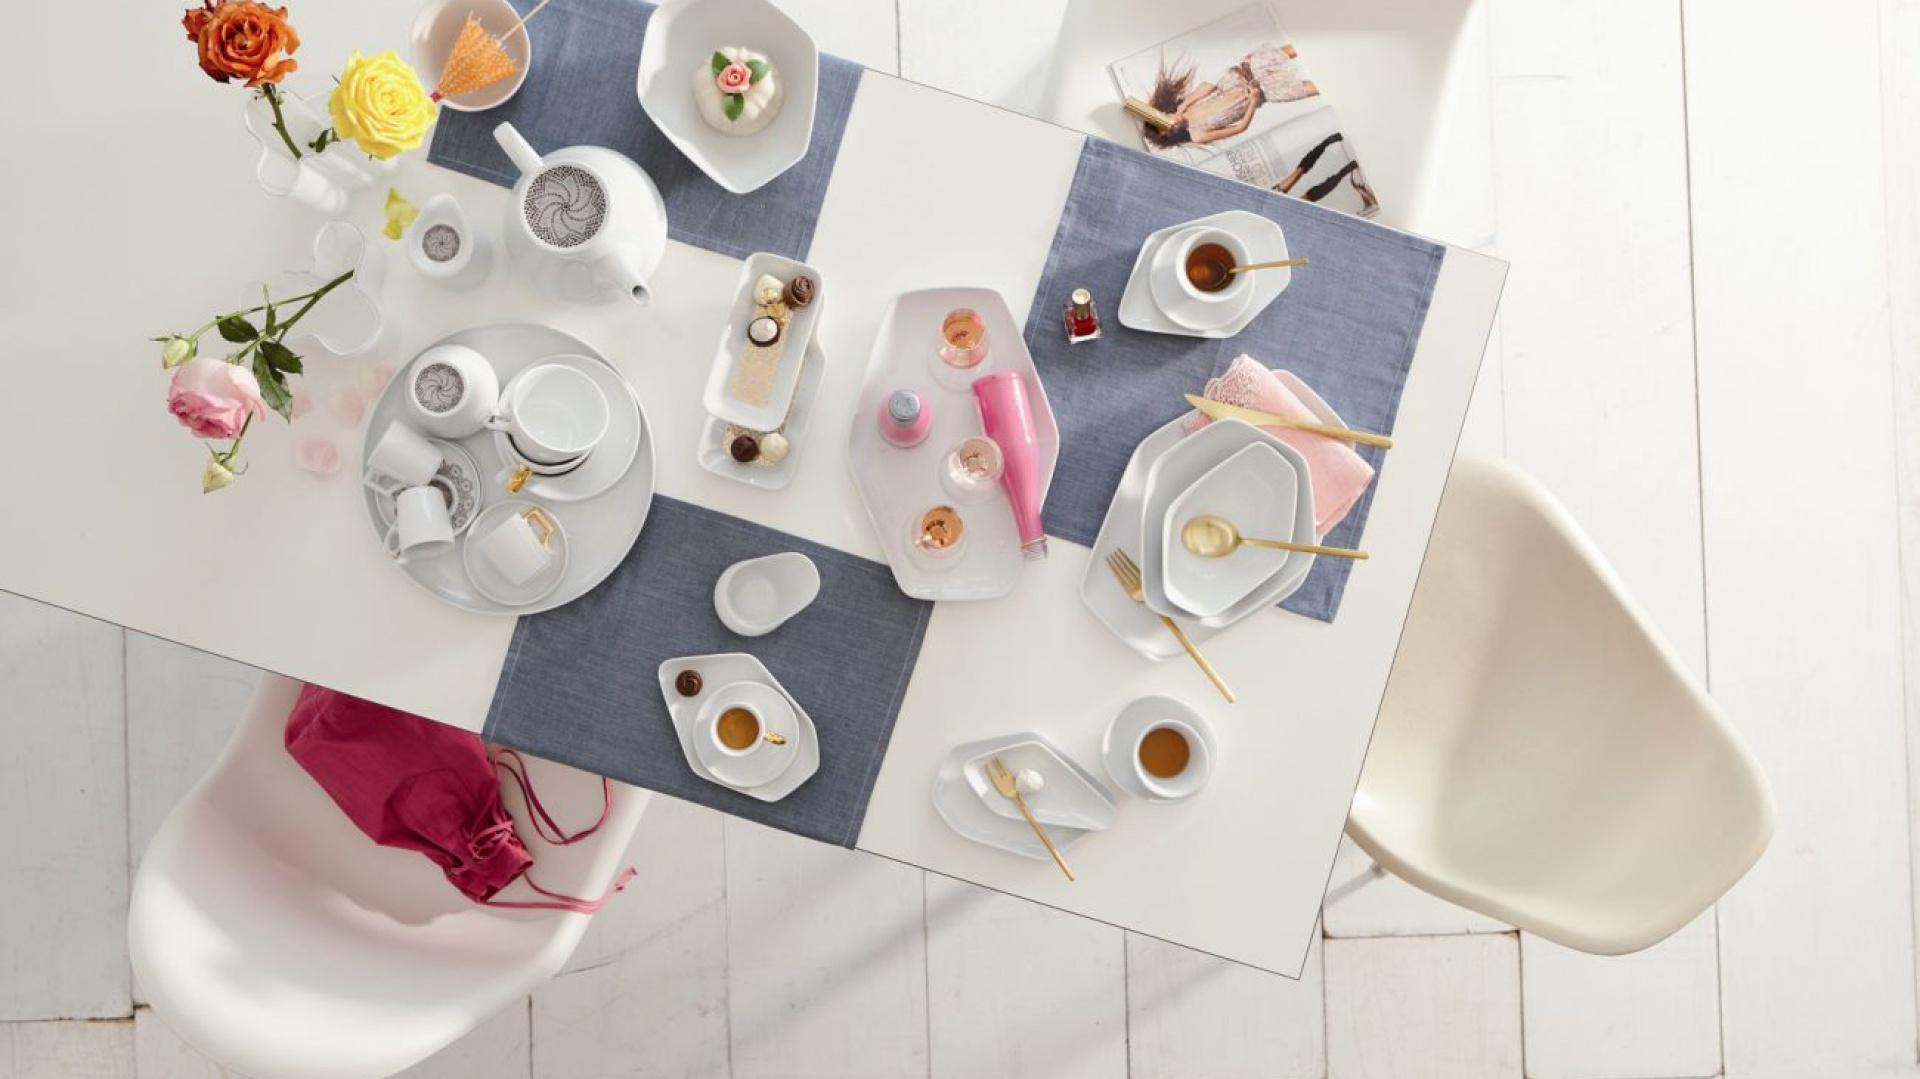 Wśród produktów niemieckiej marki Kahla z pewnością można znaleźć wiele inspirujących pomysłów na prezent. Porcelana zawsze jest piękna i modna. Produkty dostępne w sklepie Czerwona Maszyna. Fot. Kahla.